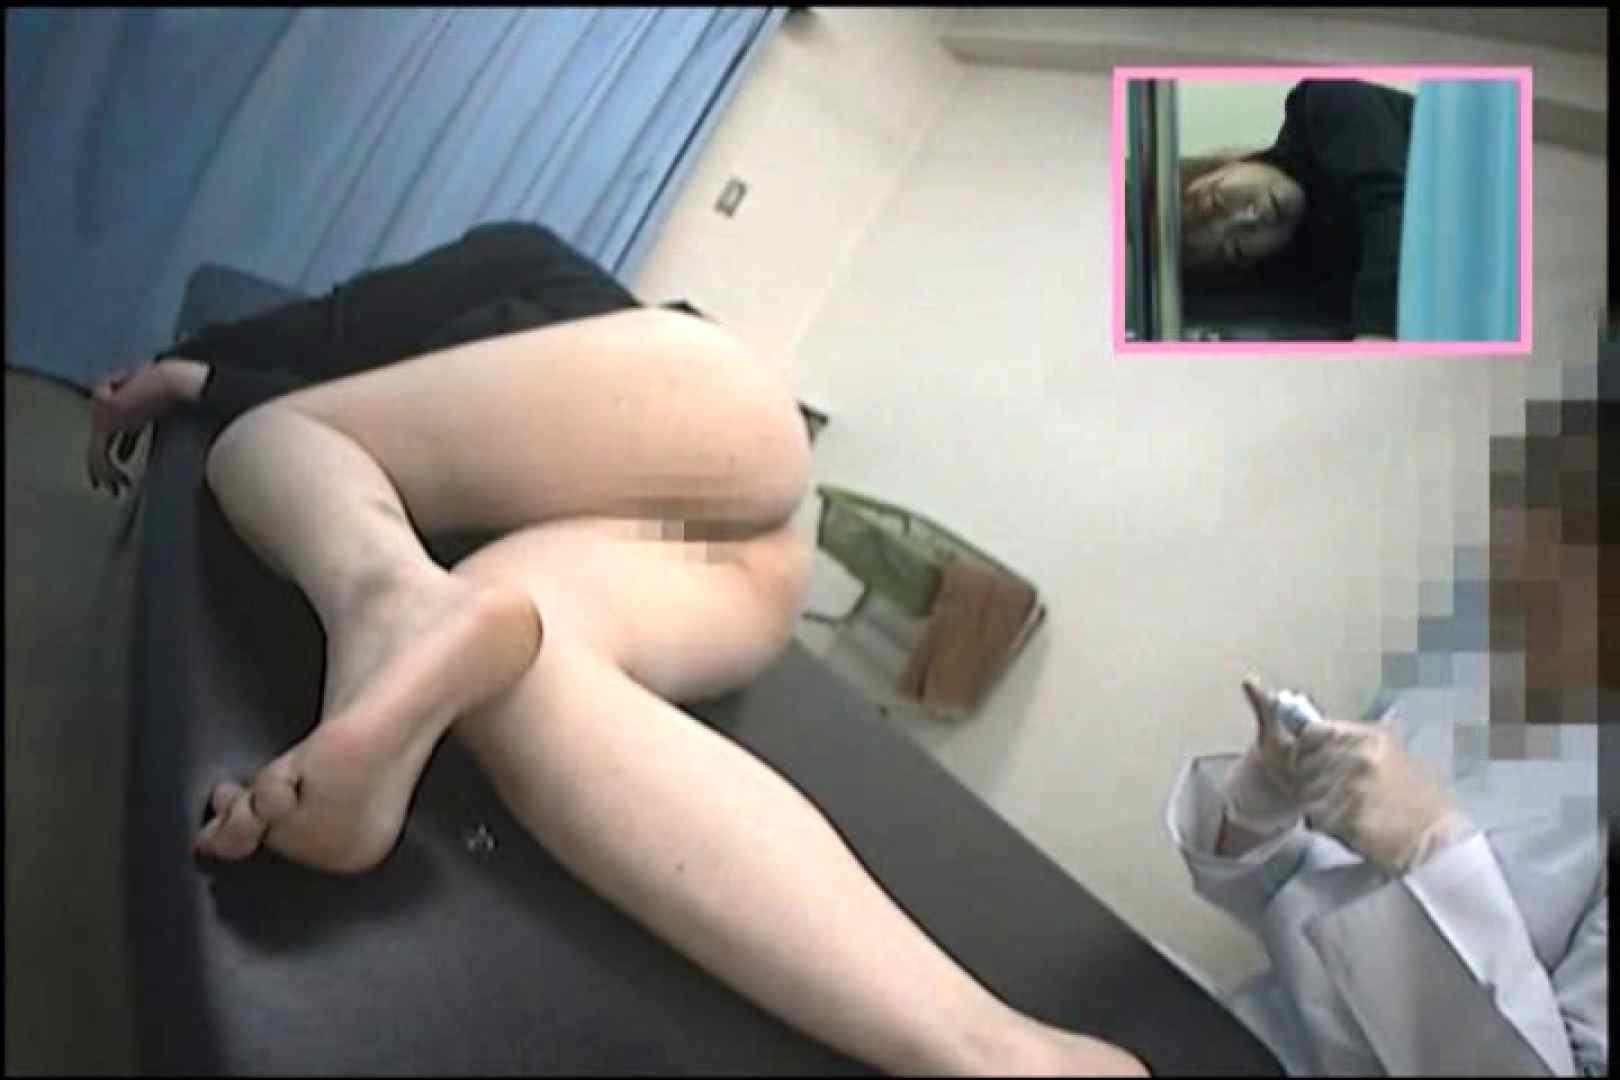 アナルに指を入れられる彼女達の事情Vol.2 アナル無修正   美しいOLの裸体  80pic 55